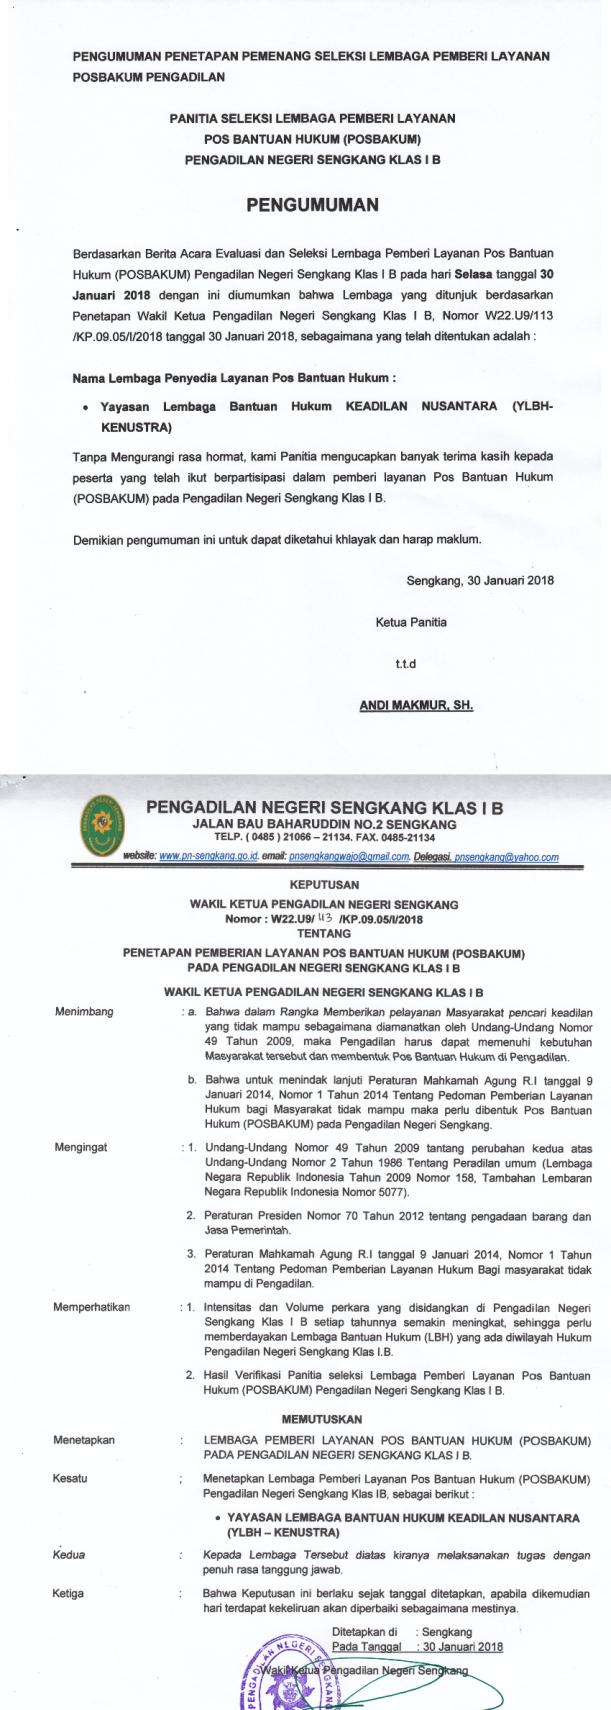 Pengumuman Lembaga Penyedia Layanan Pos Bantuan Hukum